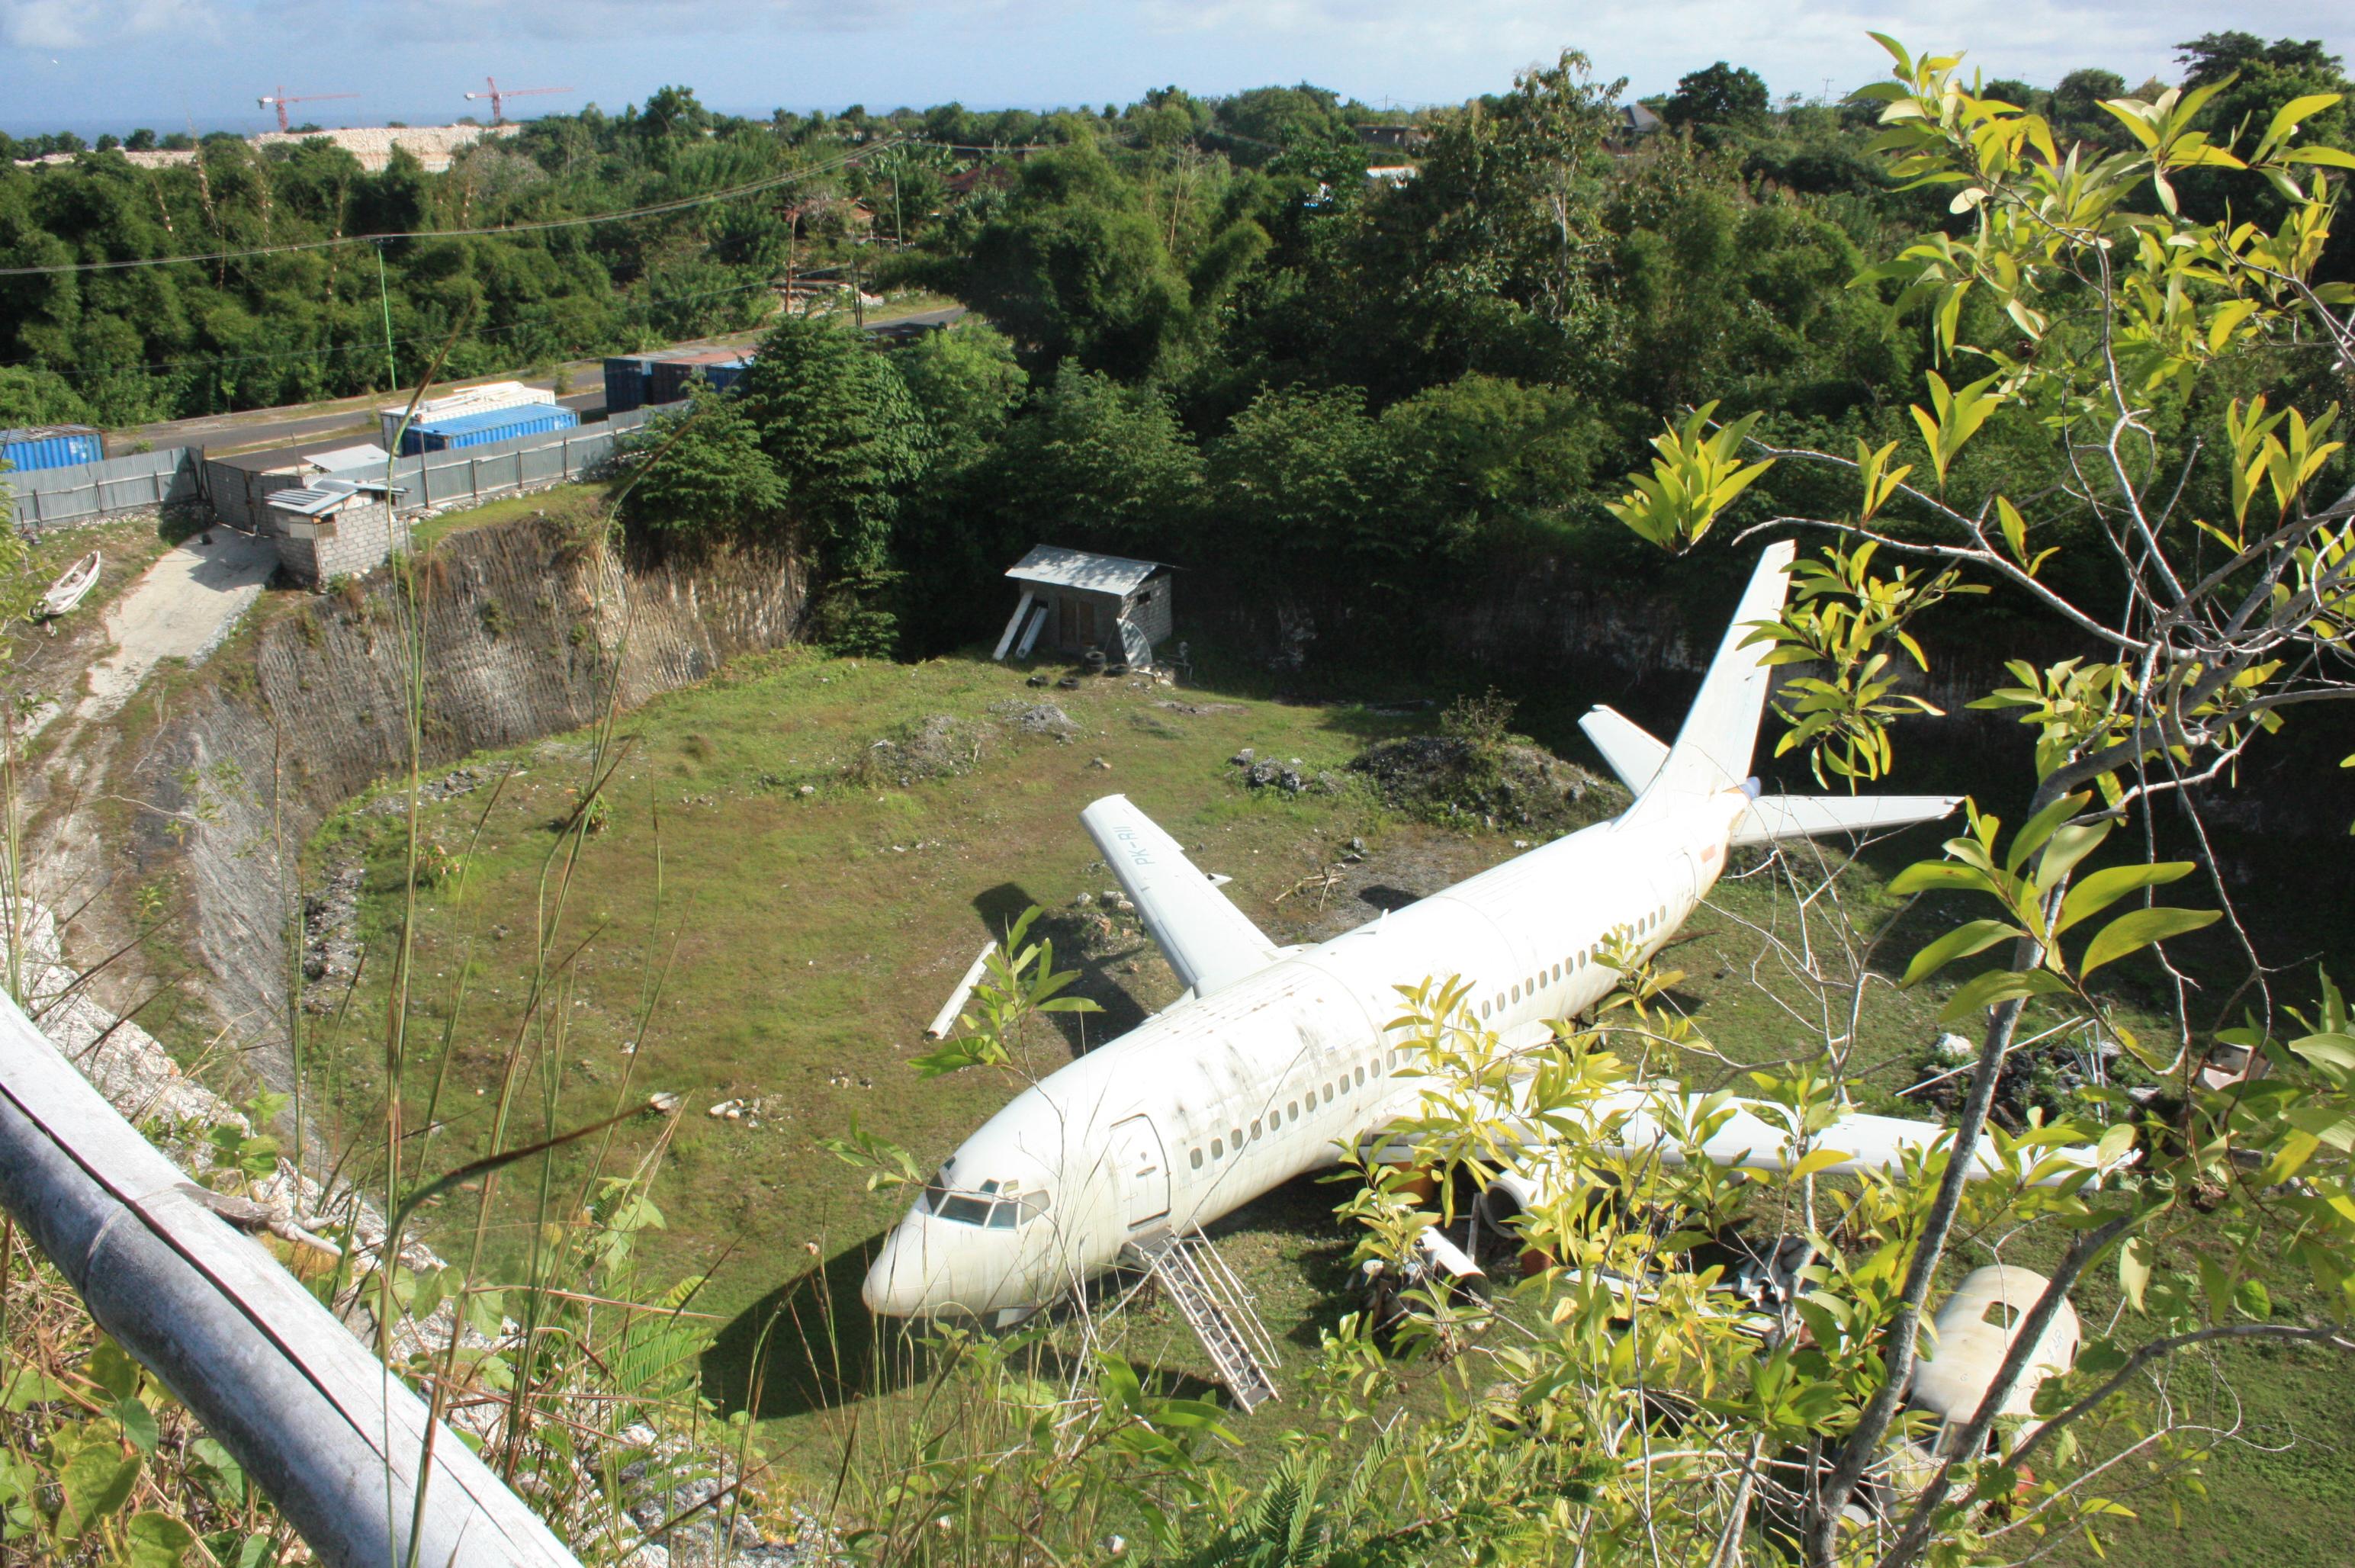 opustene lietadlo pri ceste